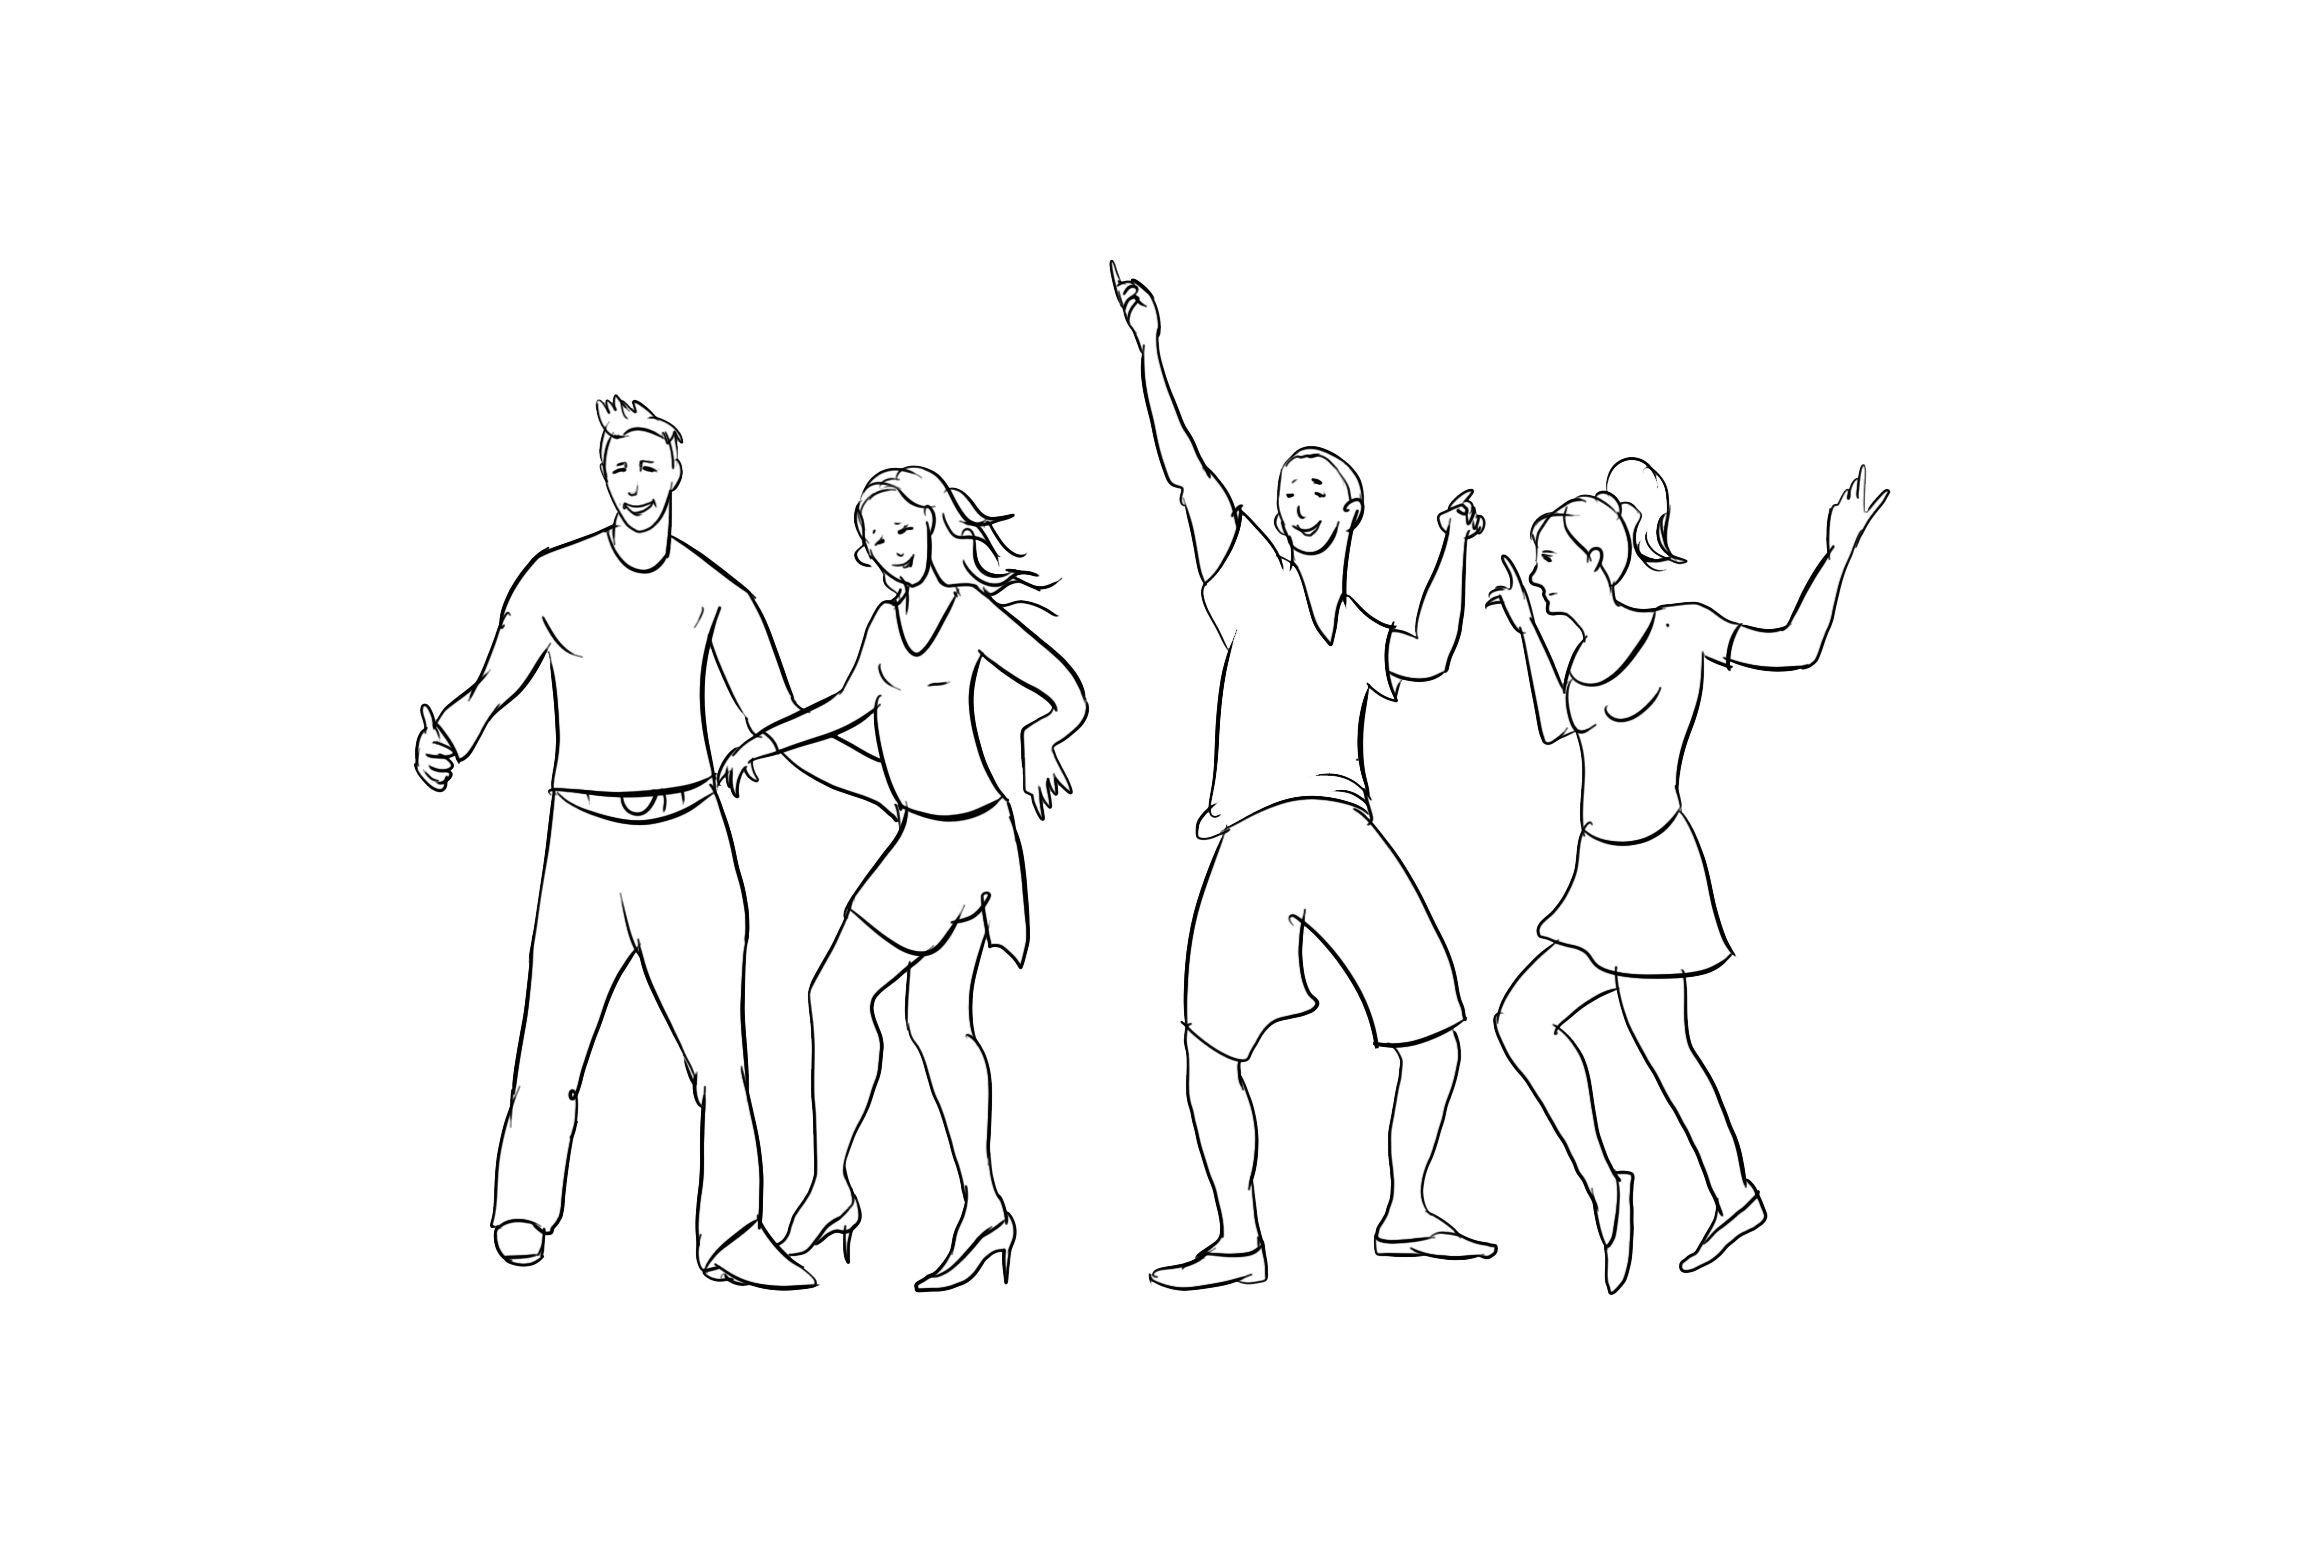 malvorlagen tanzen kostenlos  coloring and malvorlagan